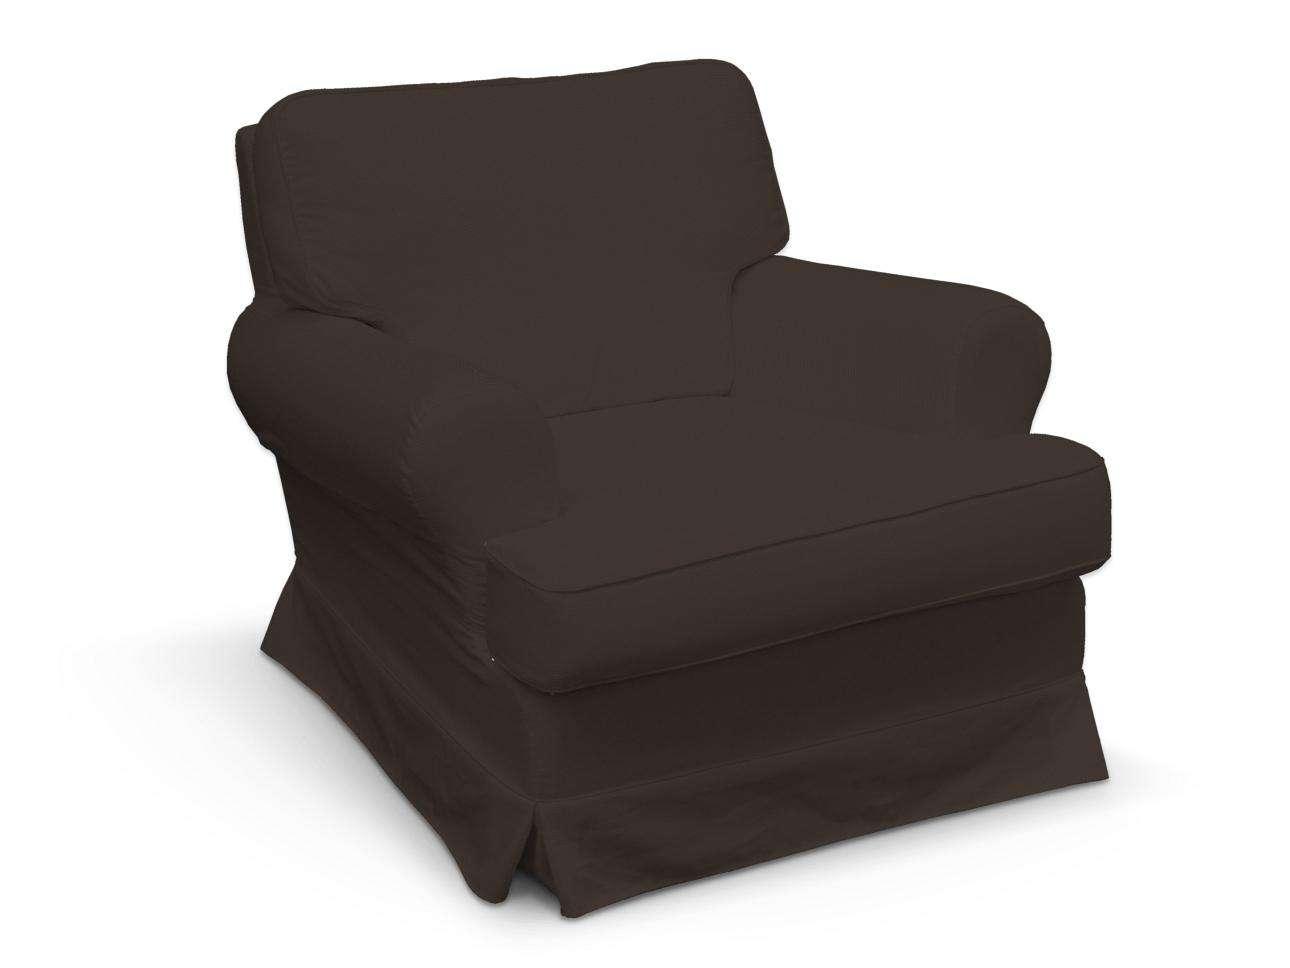 Pokrowiec na fotel Barkaby fotel Barkaby w kolekcji Cotton Panama, tkanina: 702-03